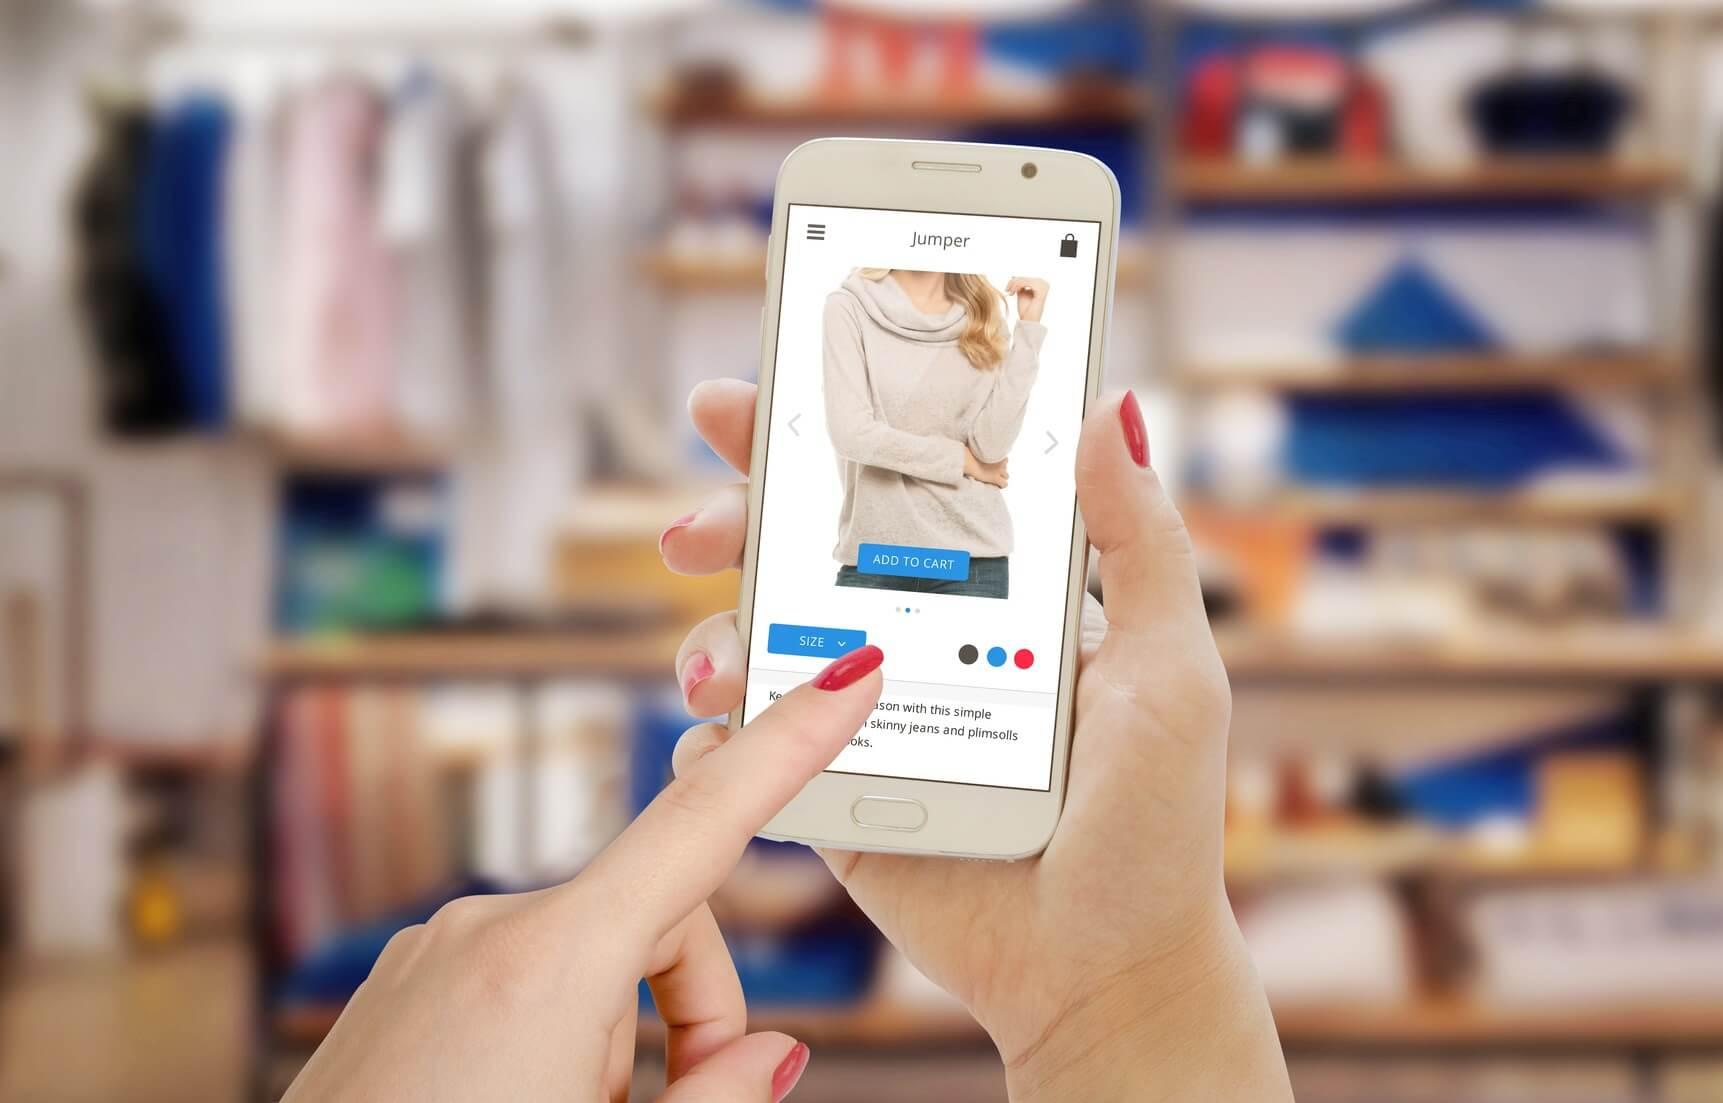 Neue bevh-Studie belegt: E-Commerce ist maßgeblicher Leistungs- und Innovationsträger für die gesamte deutsche Wirtschaft – über 1,2 Millionen Menschen sind im digitalen Handel beschäftigt und steigern den Wohlstand um über 100 Milliarden Euro